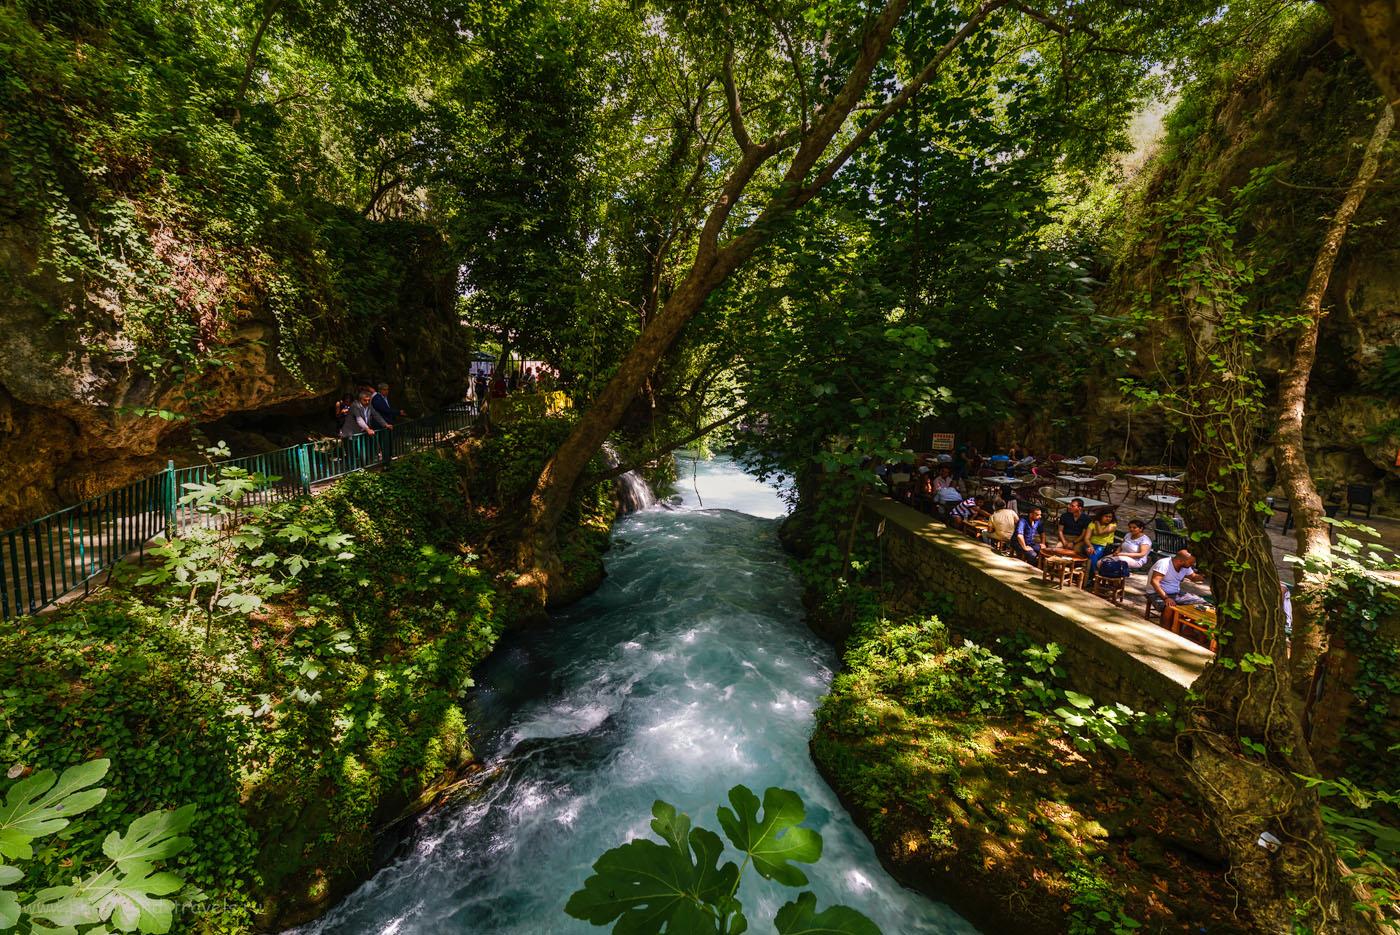 Фото 17. Река Дюден в парке Düden Şelalesi. Рассказы туристов об экскурсиях в Анталии. Интересные достопримечательности, что можно посмотреть во время отдыха в Турции. Тонмаппинг. Ширик Самъянг 14 мм.